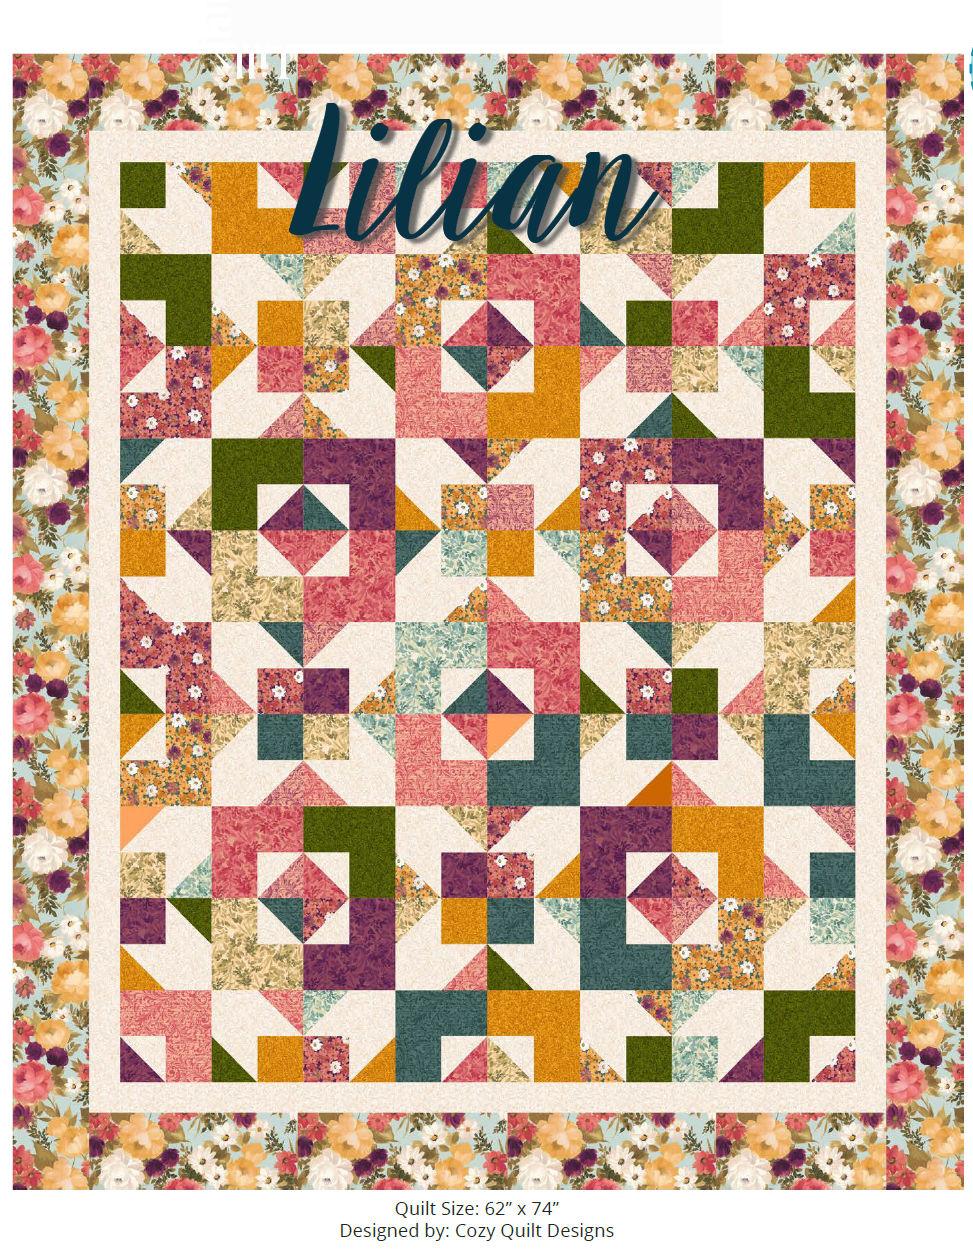 Lilian Quilt kit